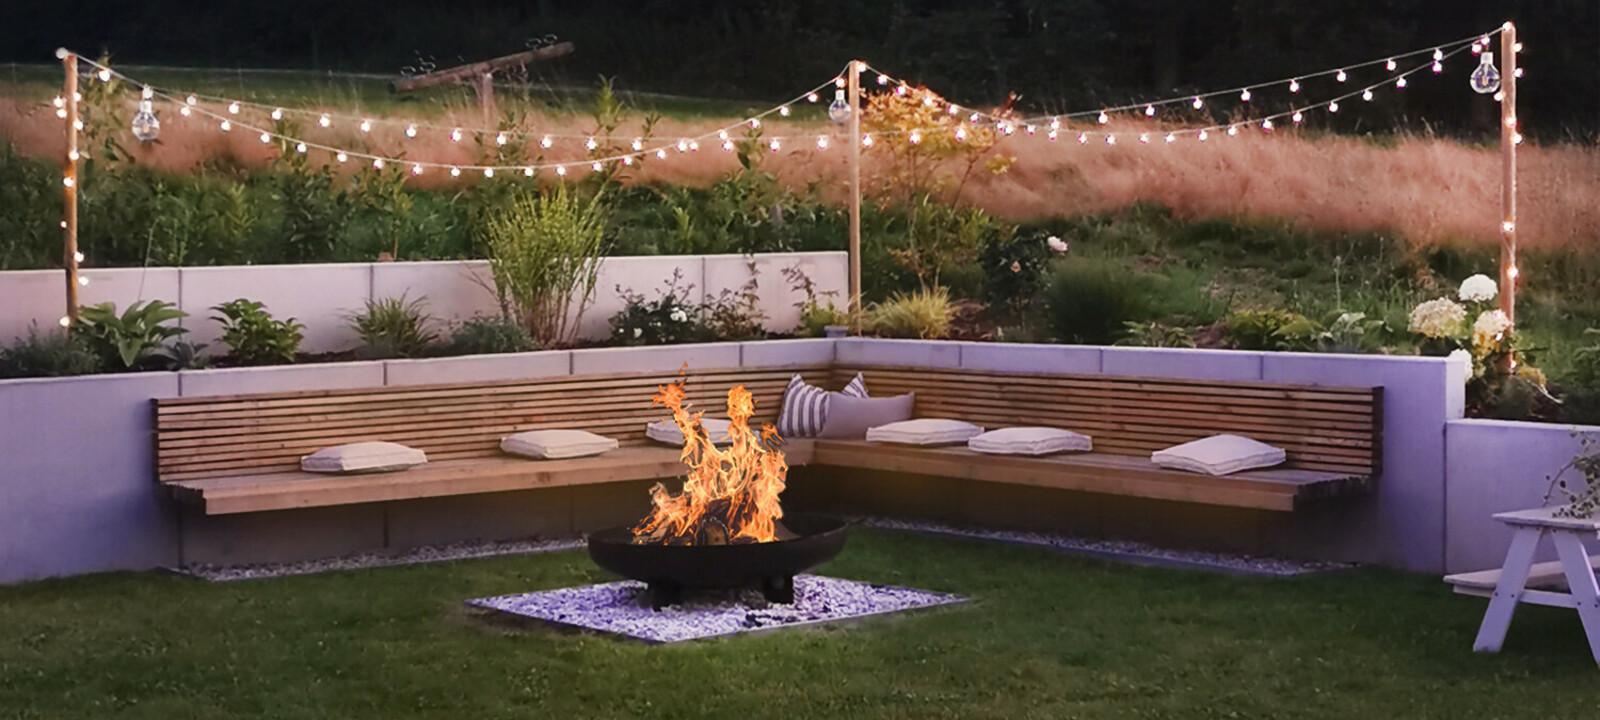 Sitzecke mit Feuerstelle Gartengestaltung